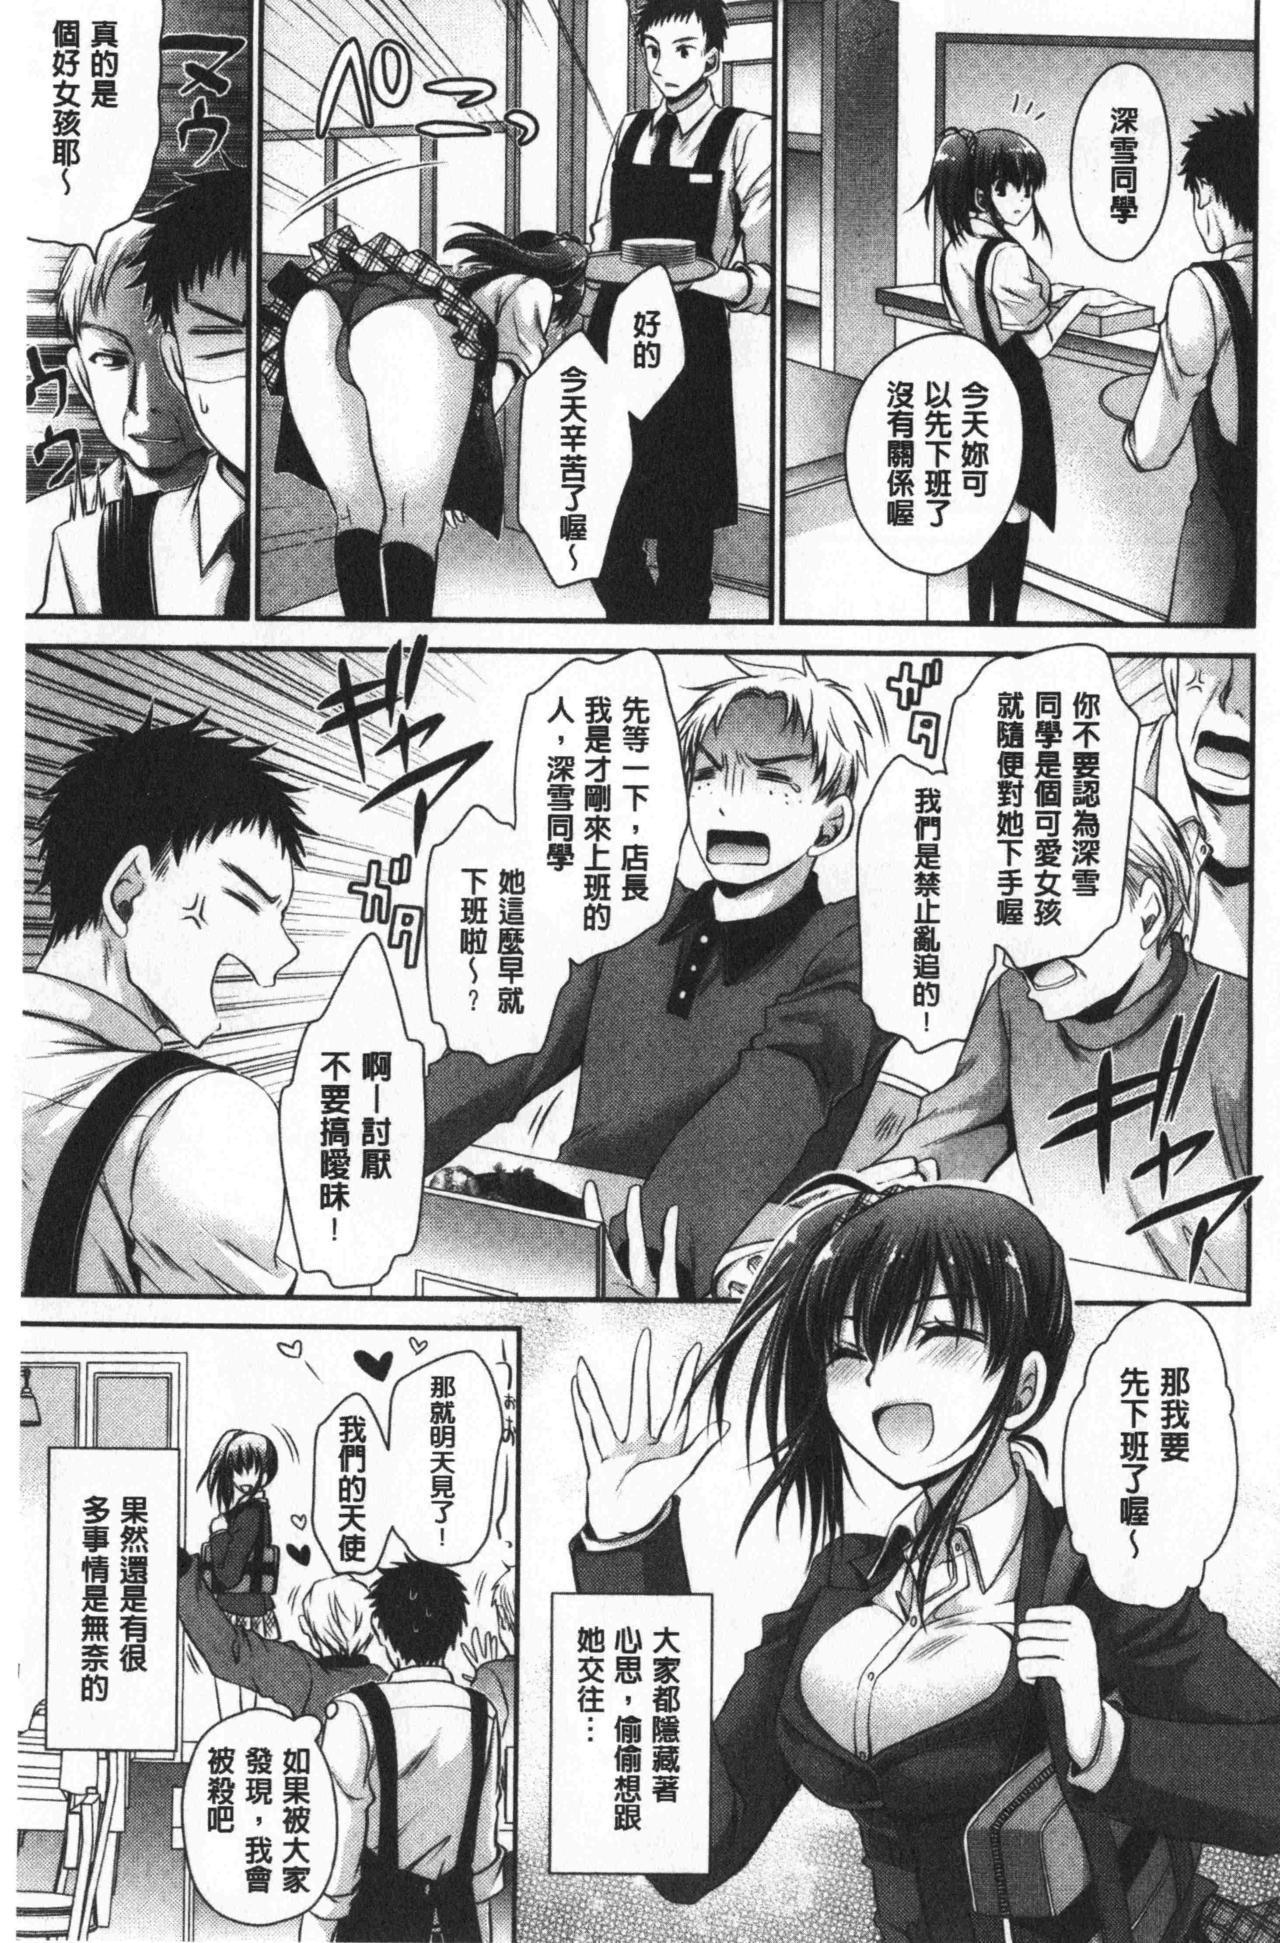 Doku Aru Hana no Amai Mitsu   毒淫花的甘甜蜜 130